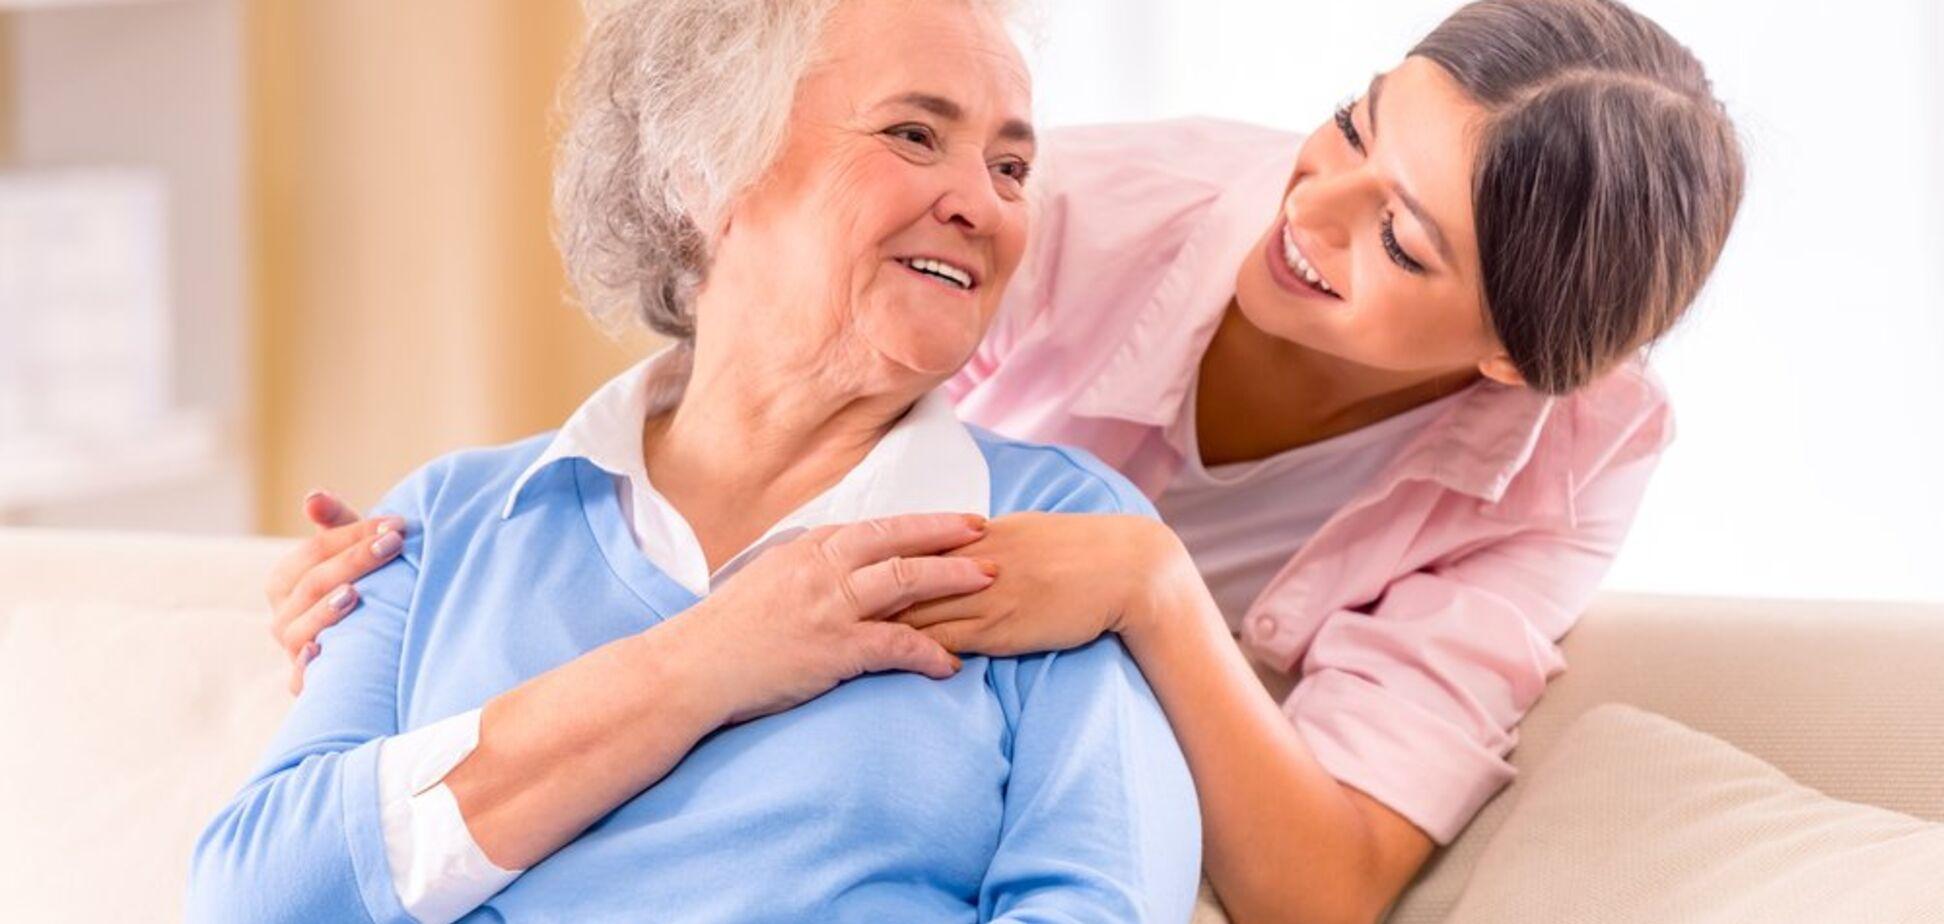 Женщины в опасности: ученые определили критический возраст для наступления Альцгеймера